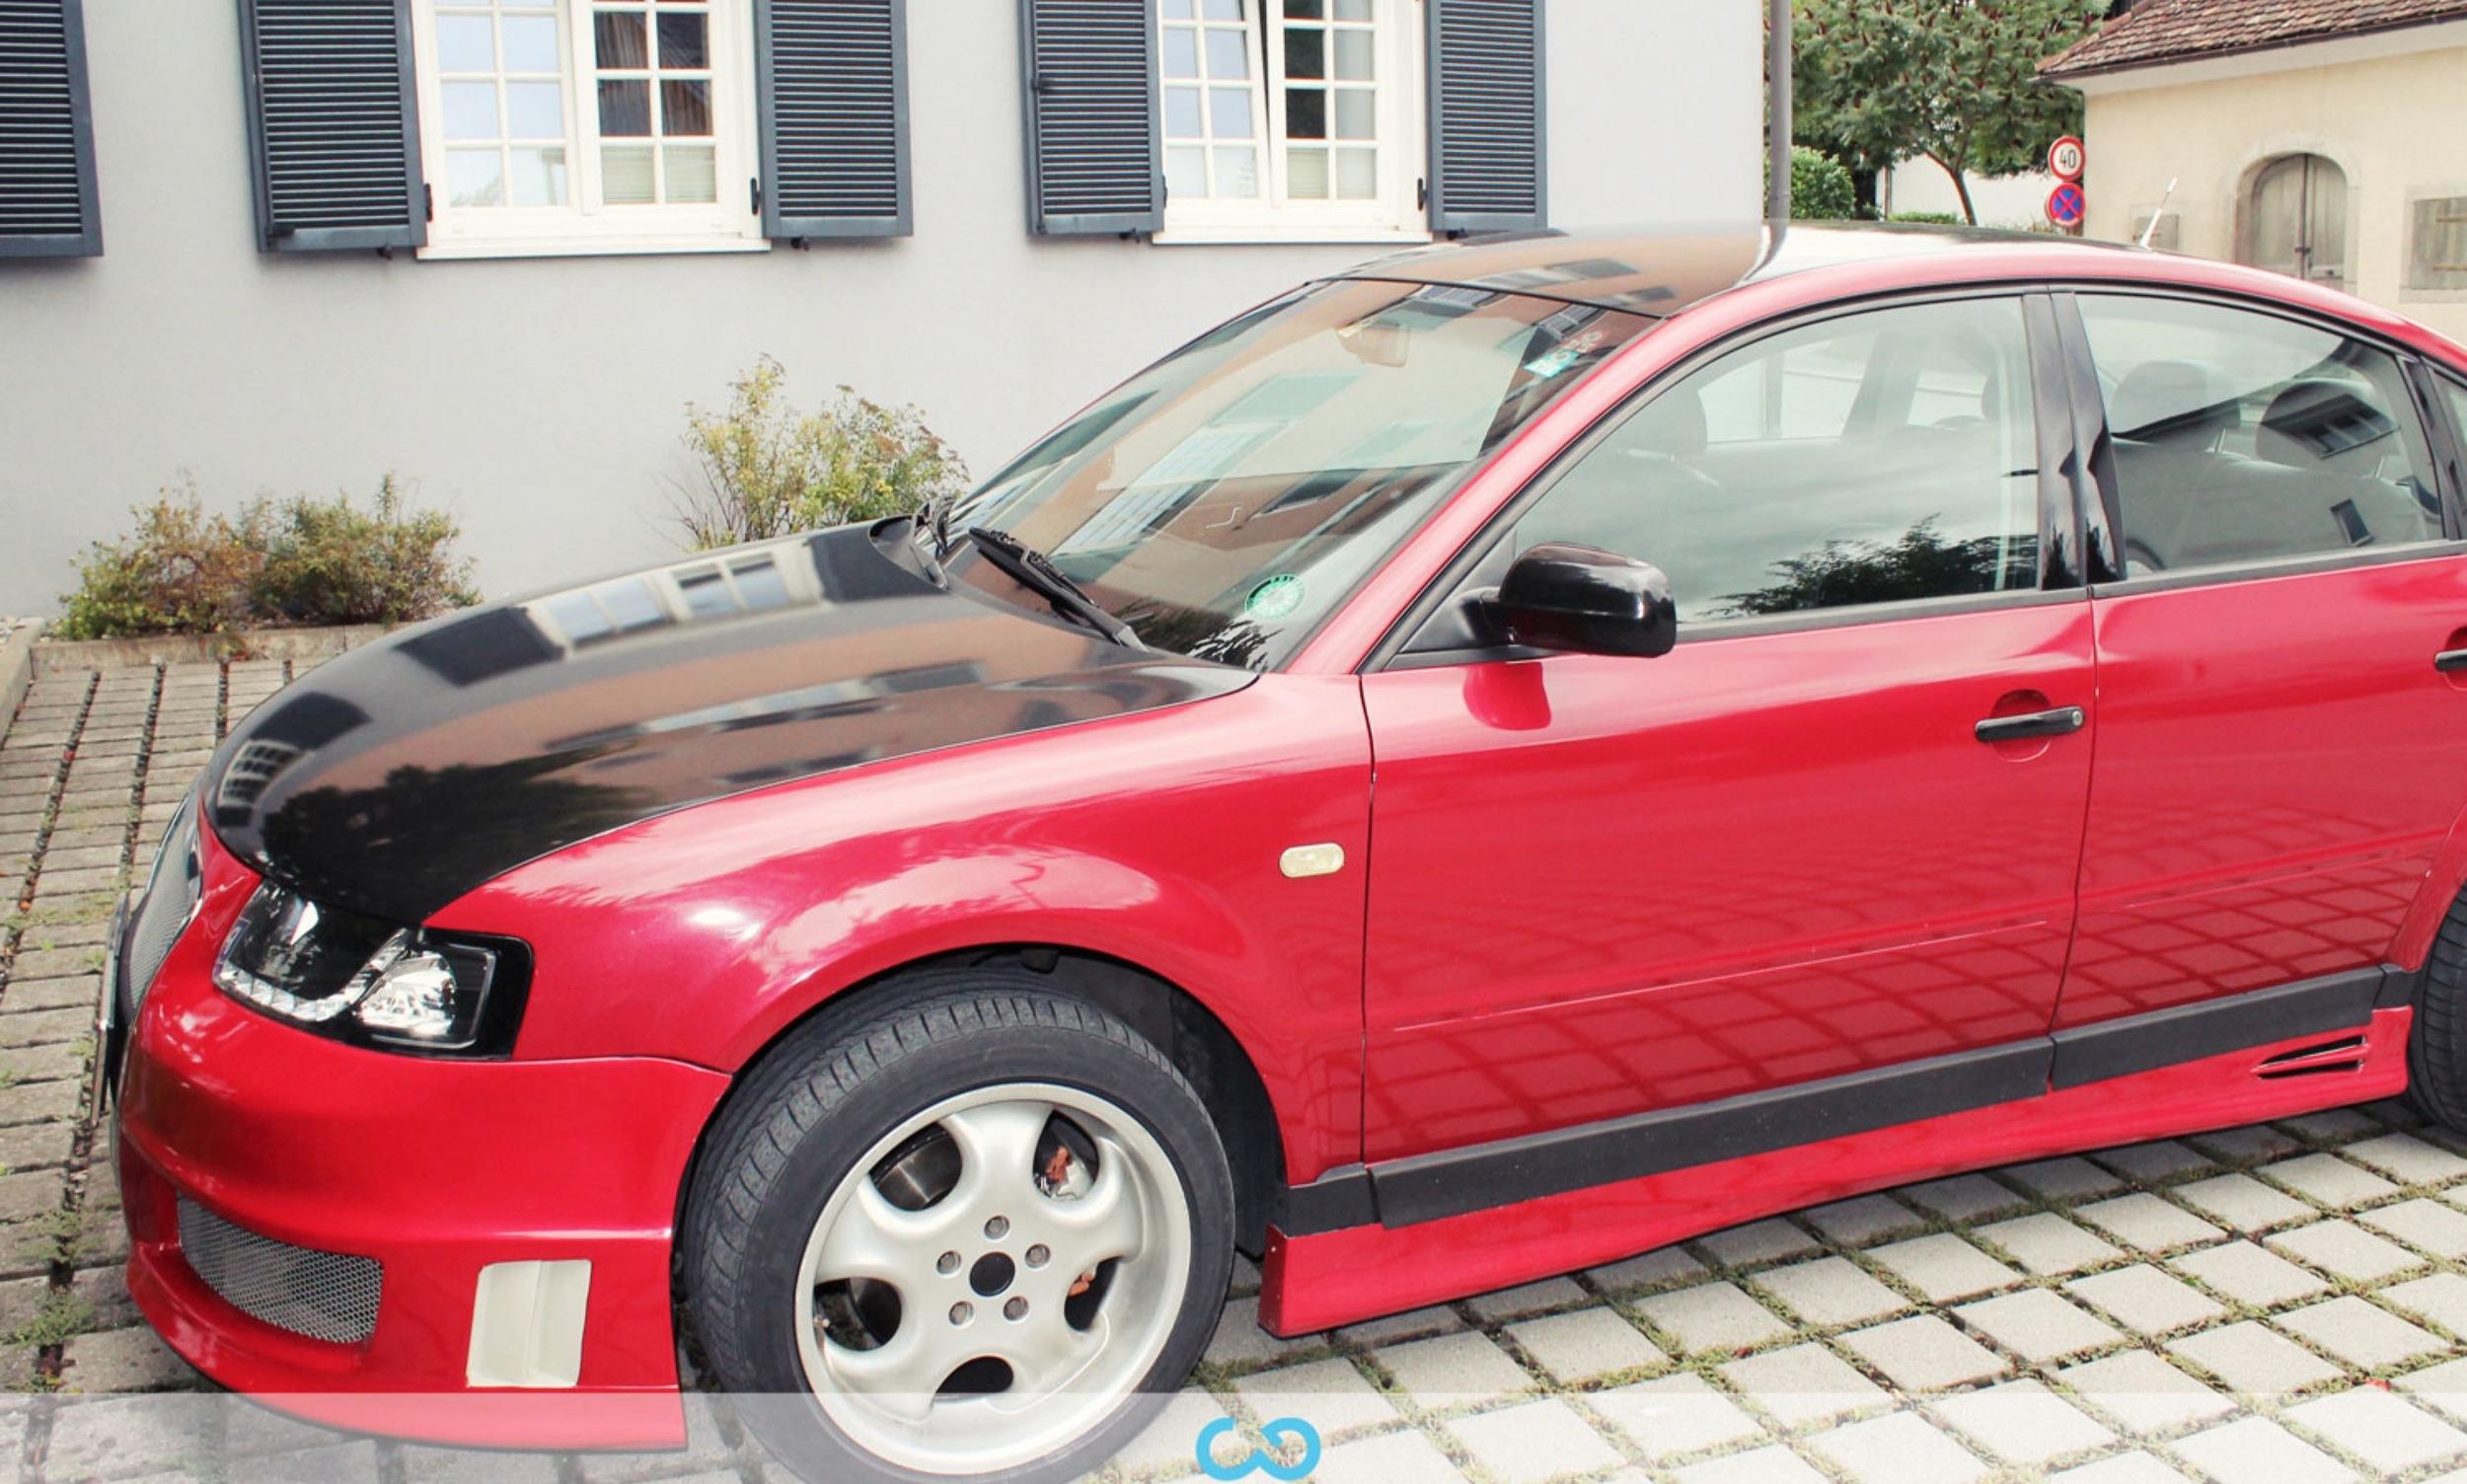 autofolierung-car-wrapping-1-teilfolierung-audi-schwarz-rot-2012-09-01-2.jpg